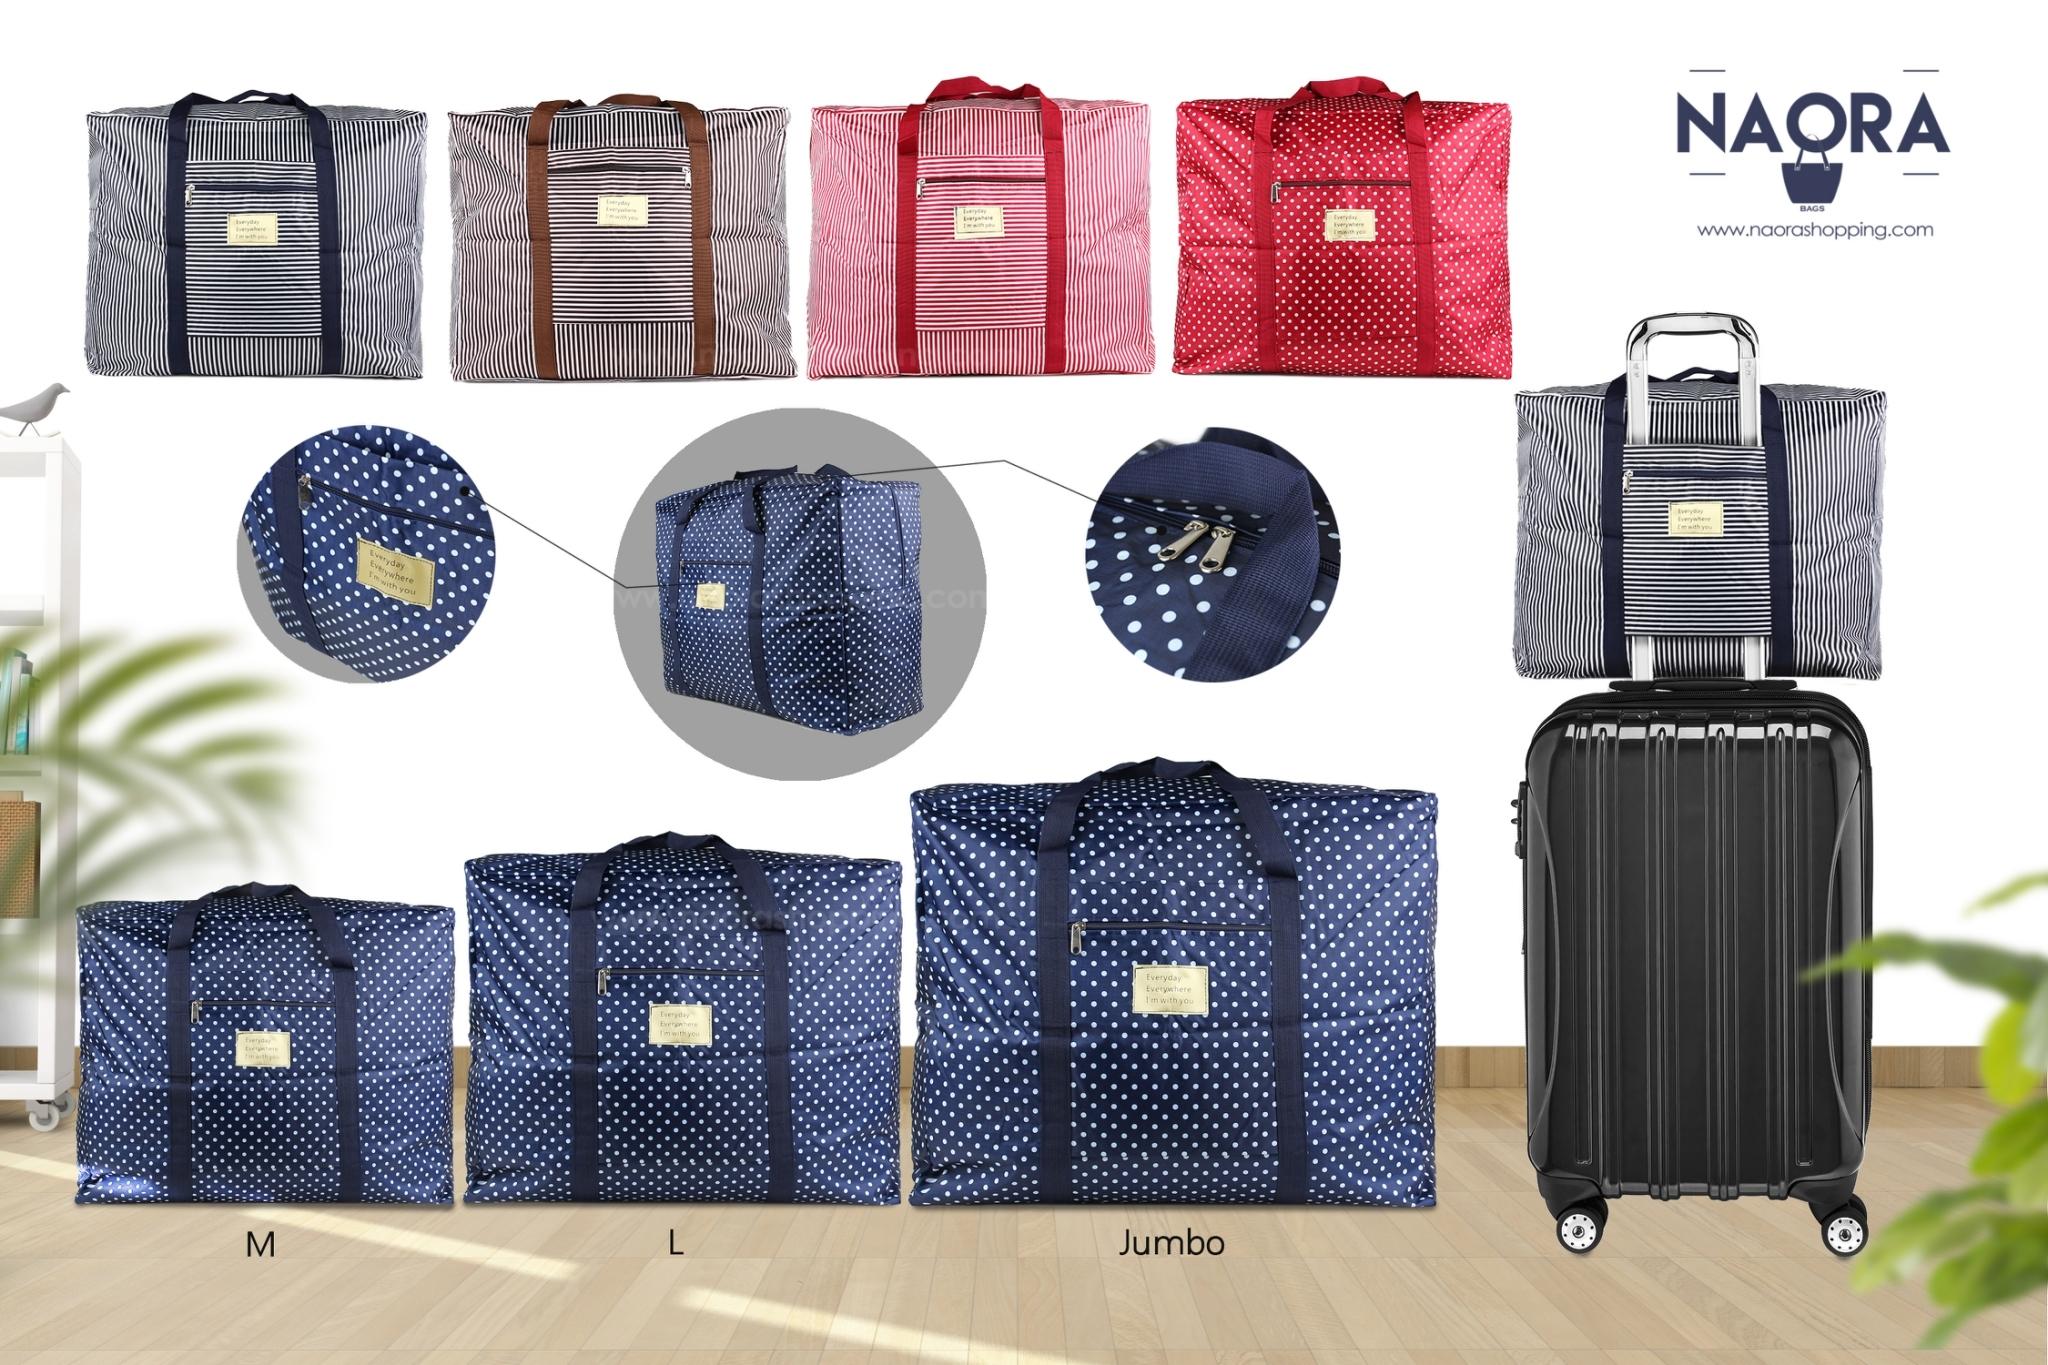 กระเป๋าจัดระเบียบการเดินทางไซด์ M/L/JUMBO